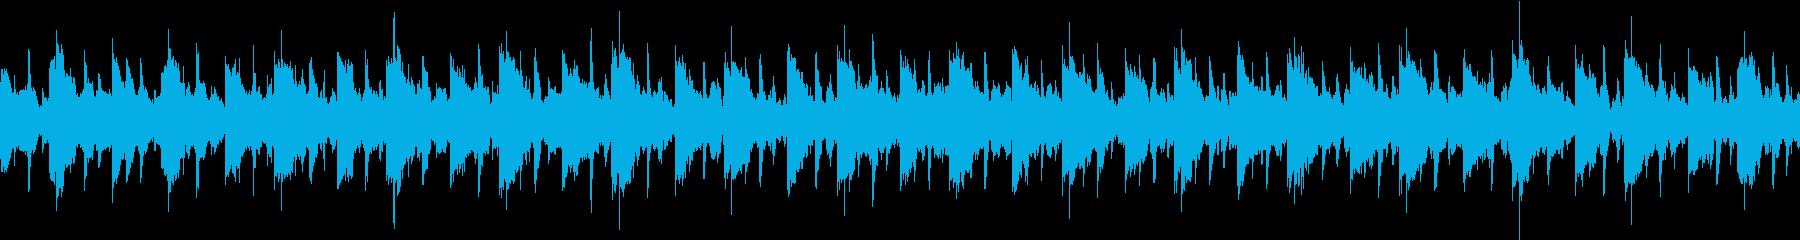 何か不自然な雰囲気のループの再生済みの波形